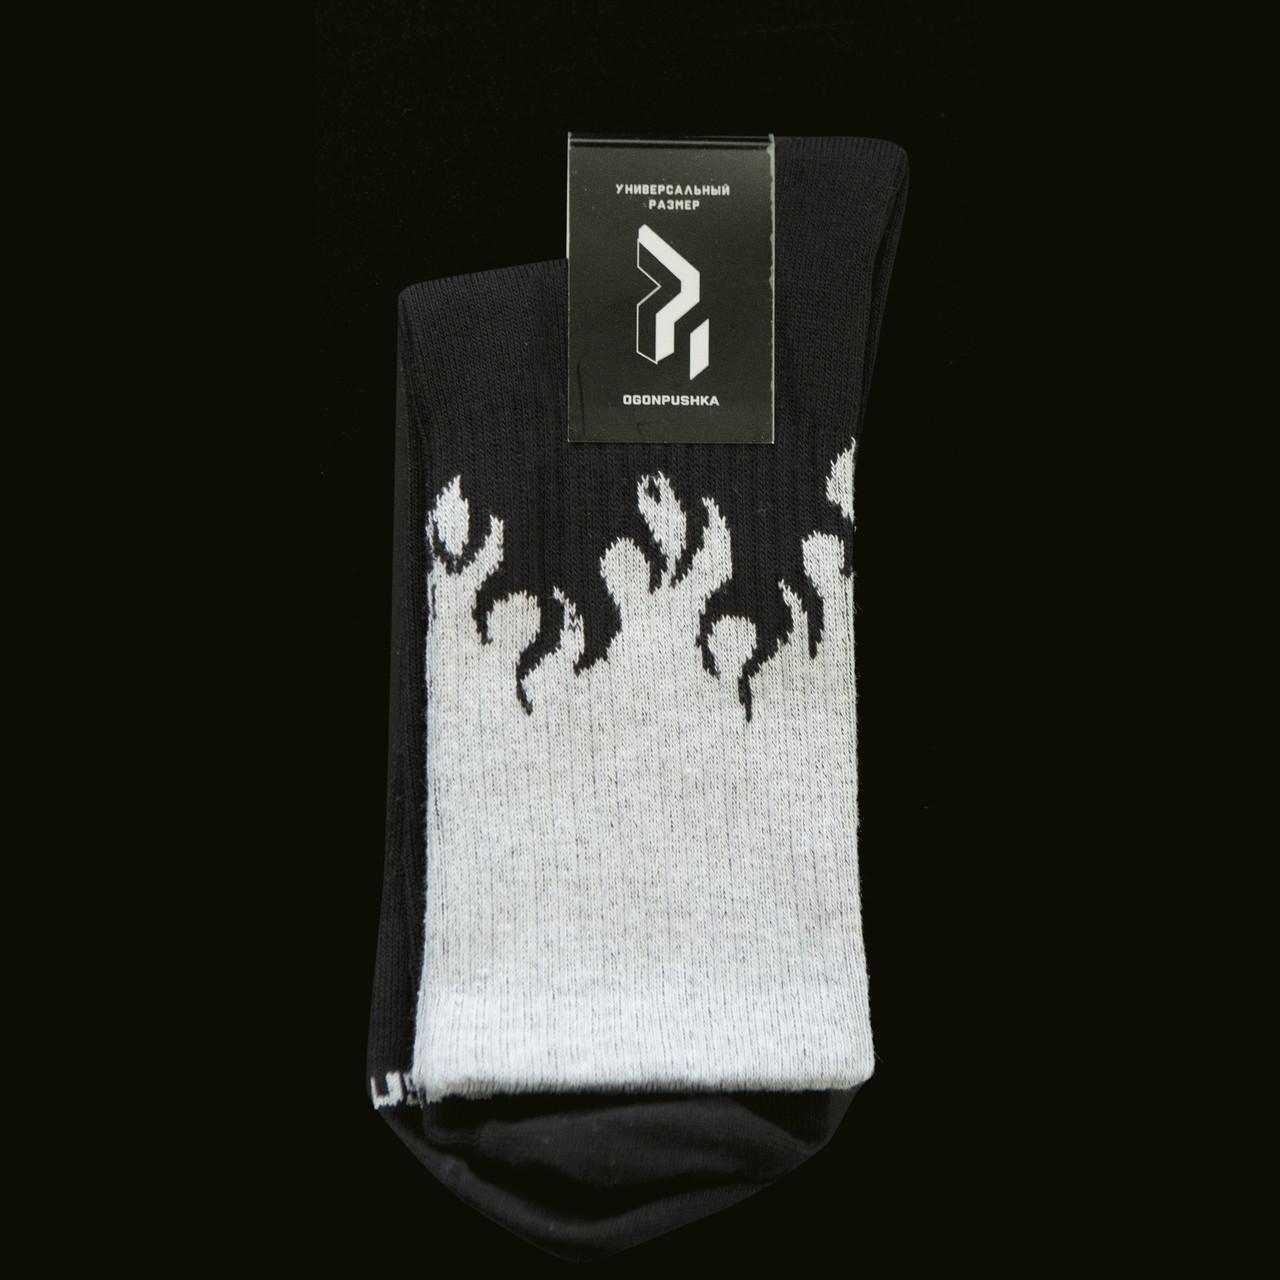 Довгі шкарпетки Пушка Огонь - Round чорно-сірі